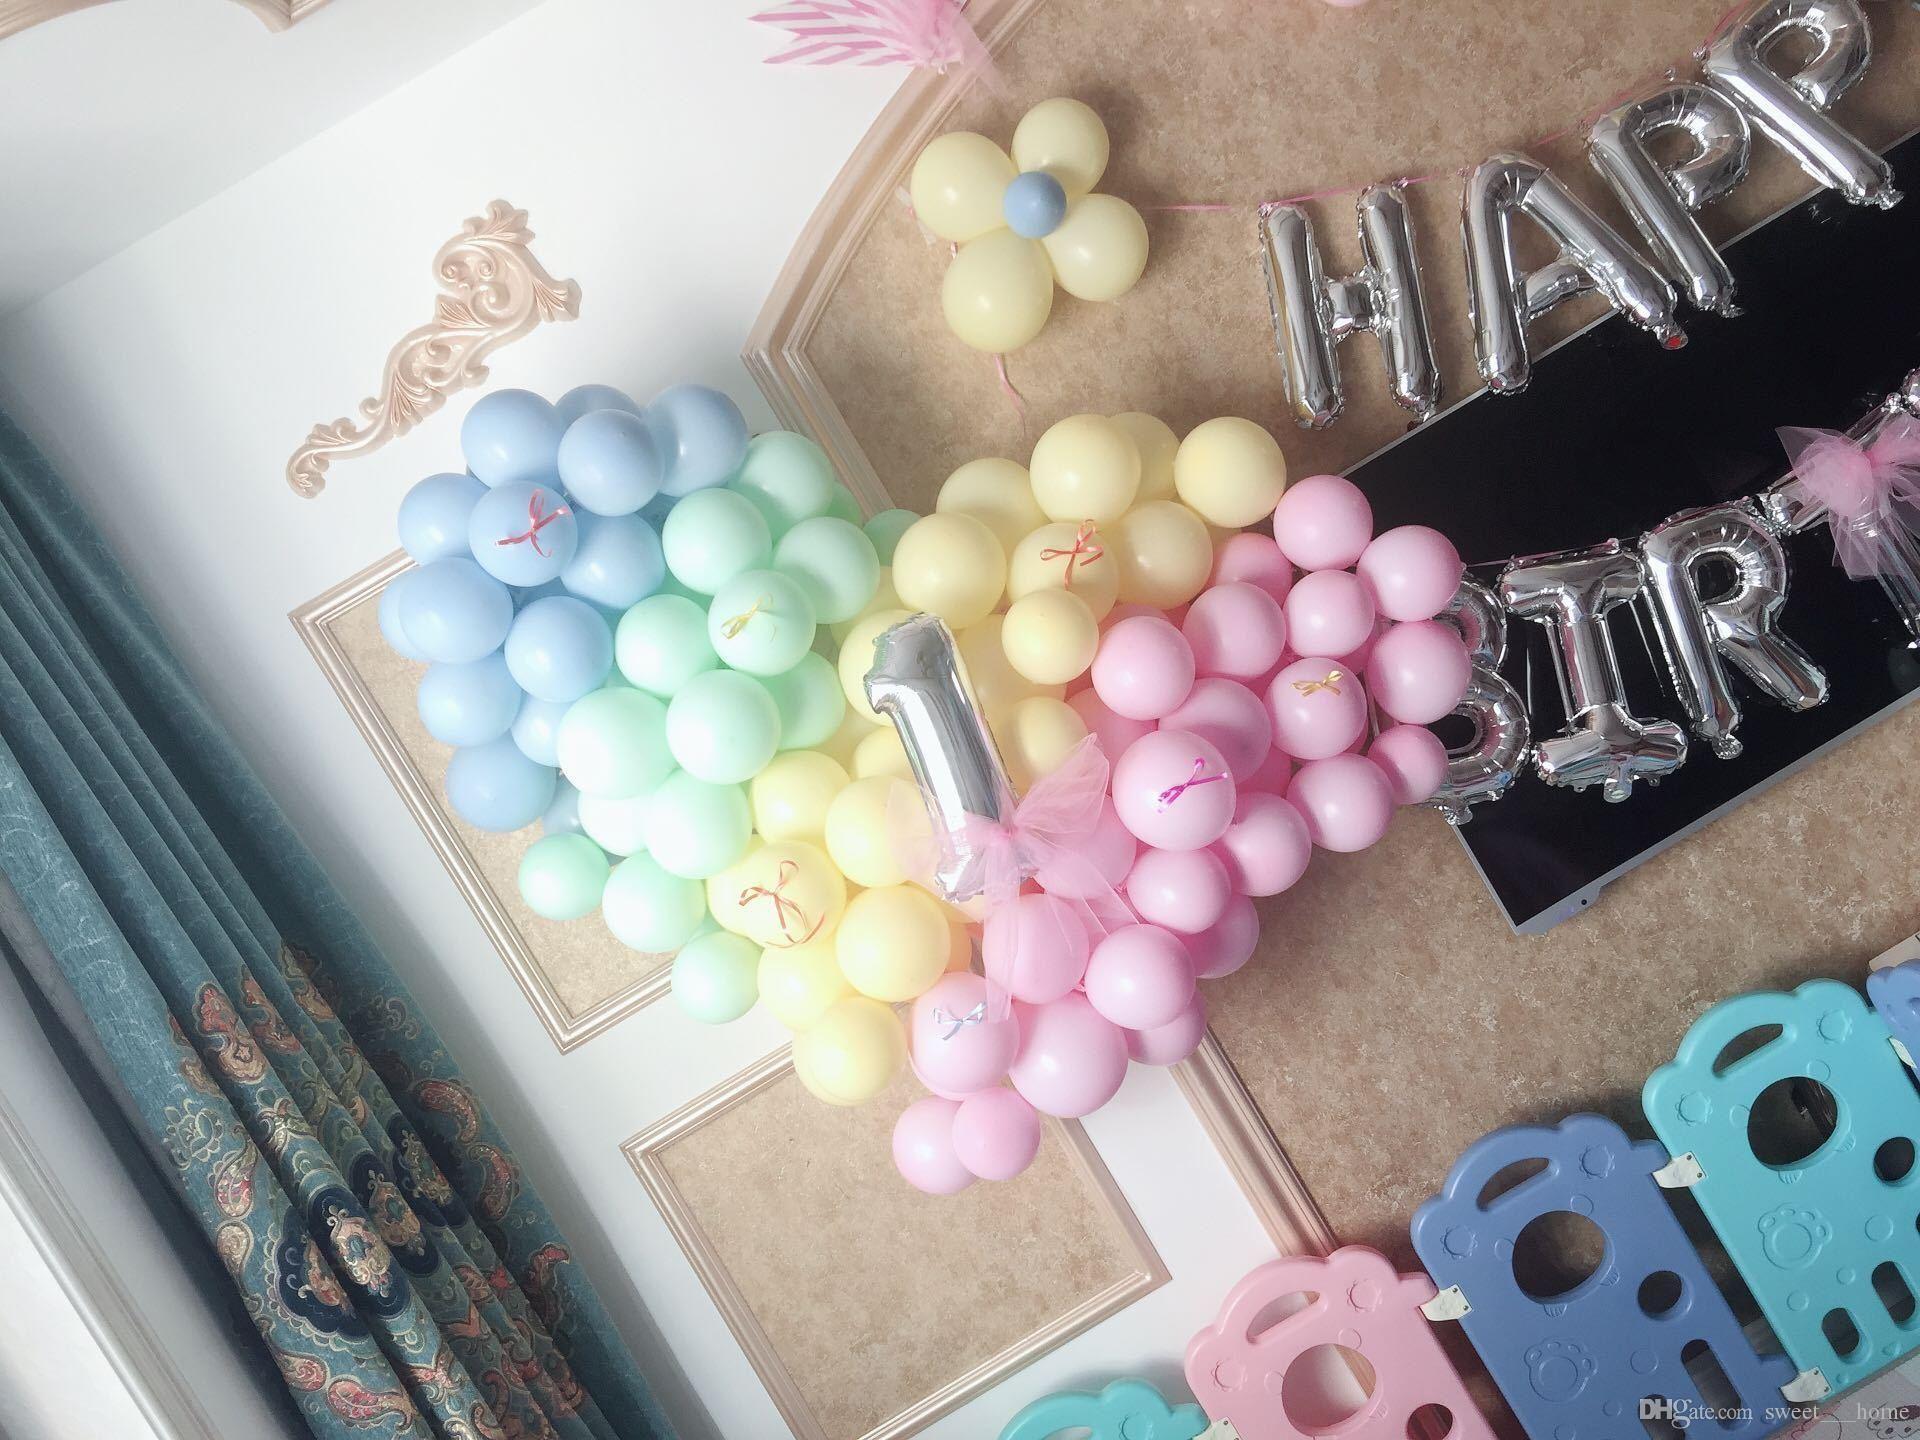 Proposta dia quente dos Namorados Festa de aniversário do balão Macaron criativo decorações de casamento Doces coloridos balões de látex Props DHL